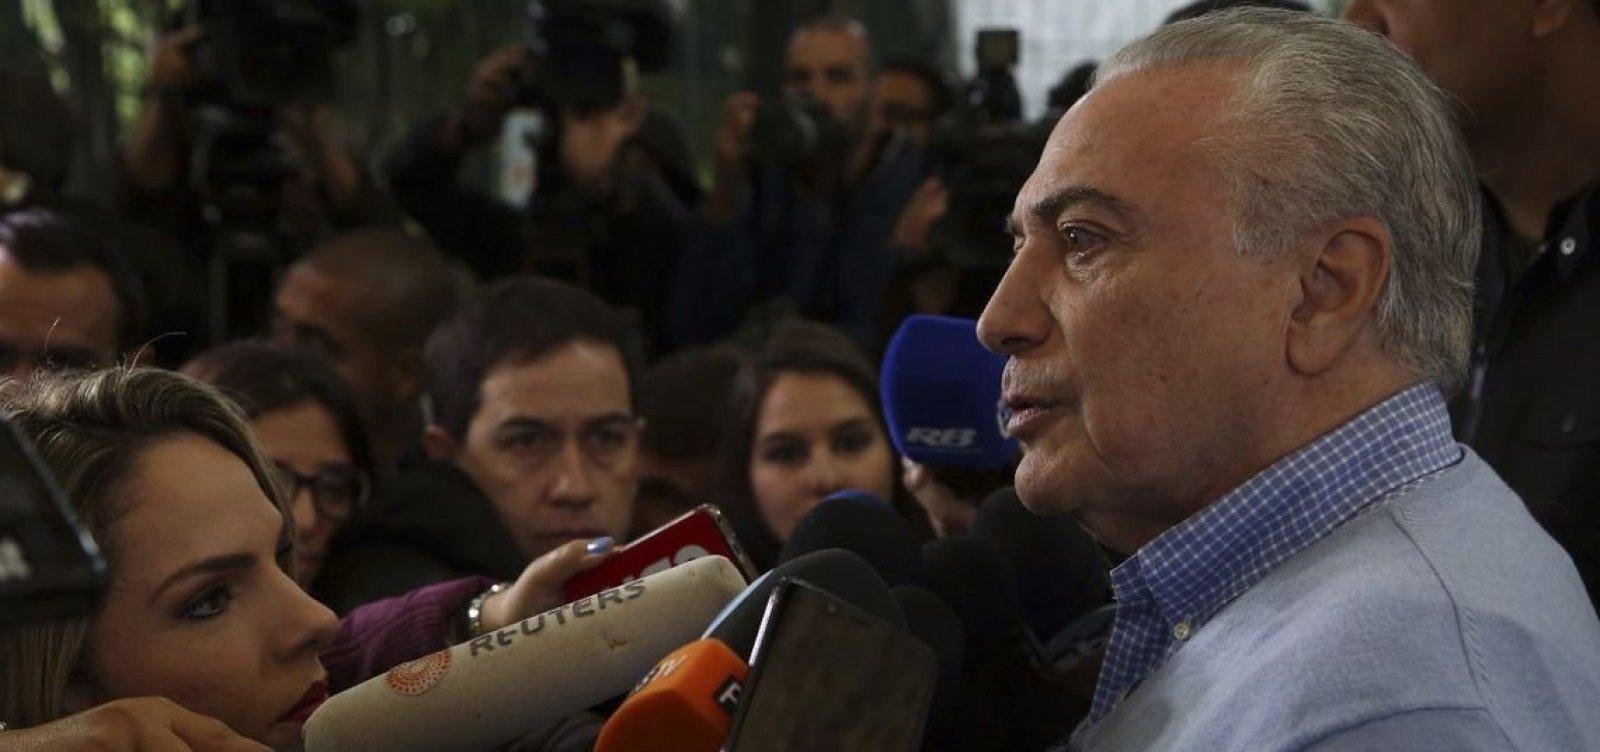 ['Após a eleição o Brasil estará reunificado', diz Temer]